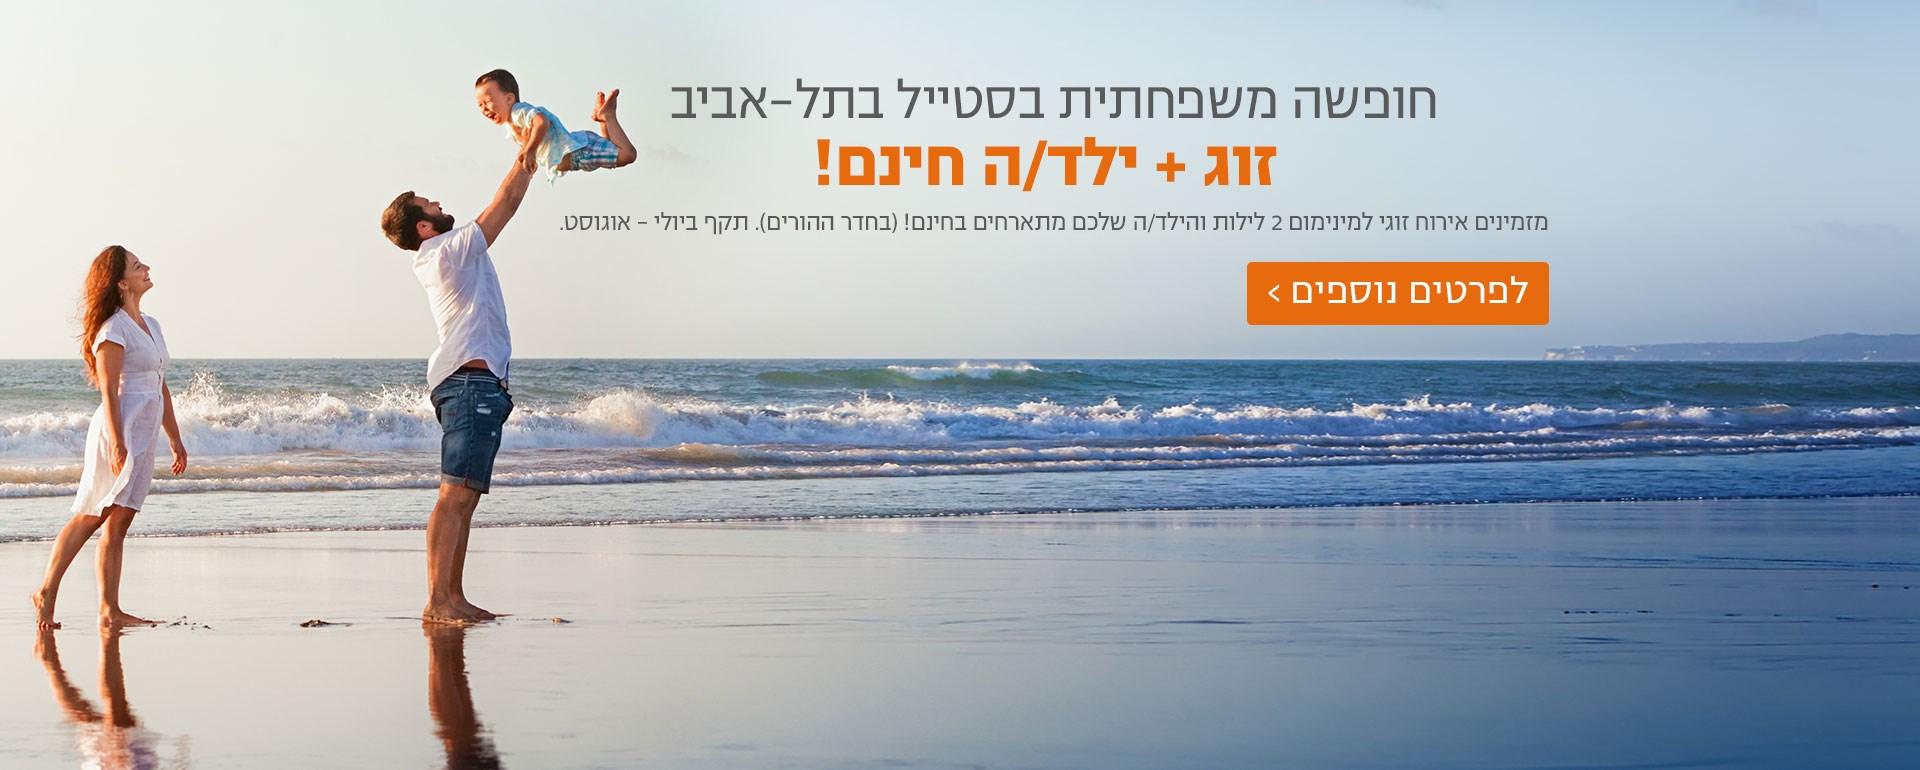 חופשה משפחתית סטייל תל אביב!